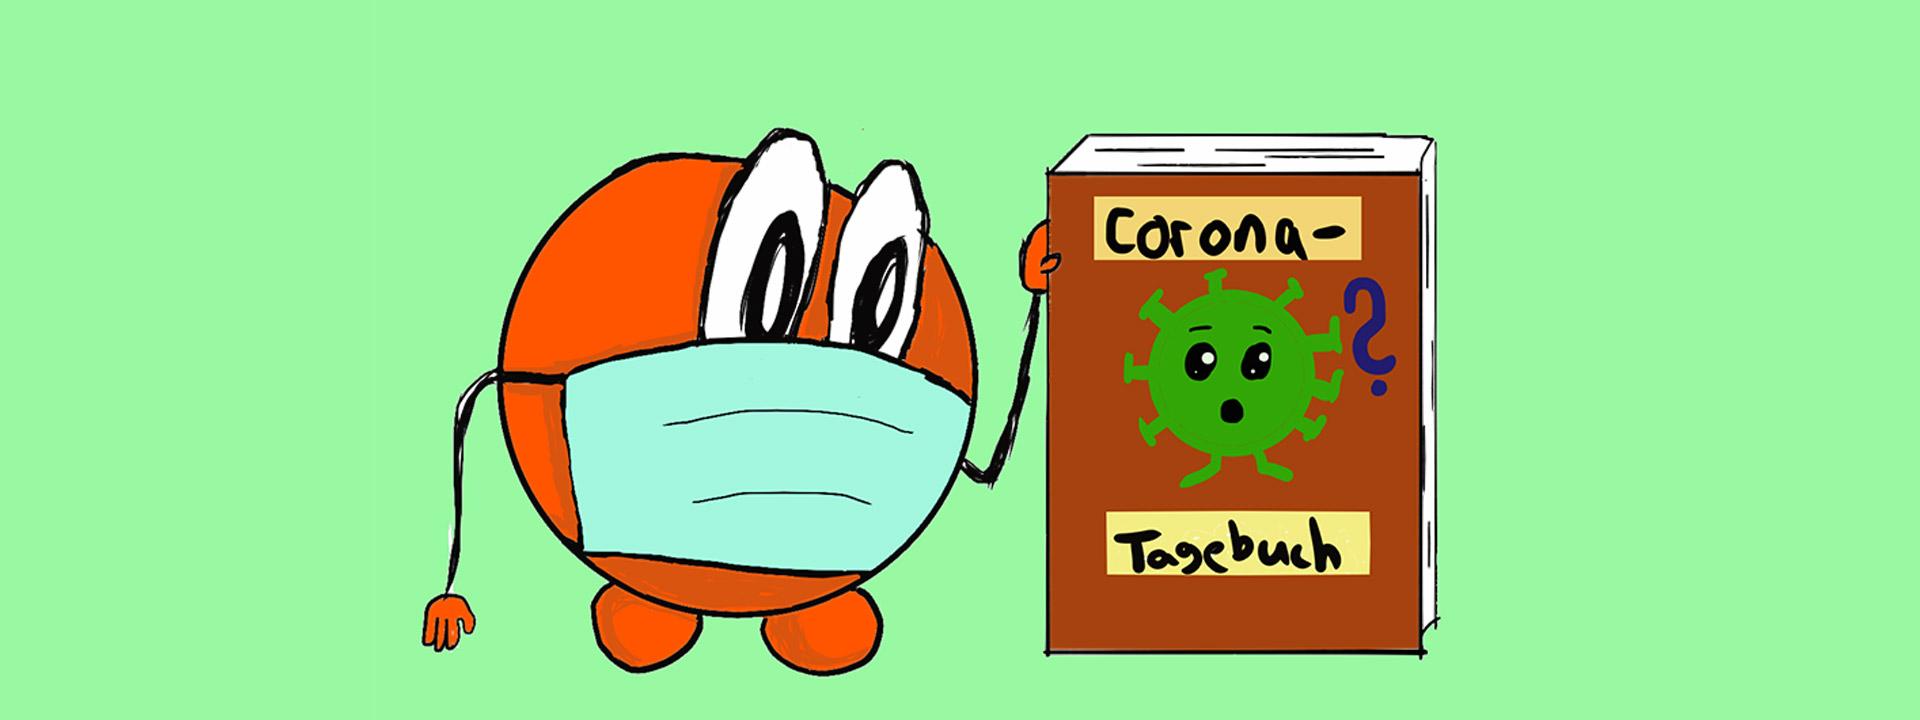 Zeichnung: Eine Comicfigur in Form und Farbe einer Orange hält ein Buch in der Hand mit dem Titel: Corona-Tagebuch